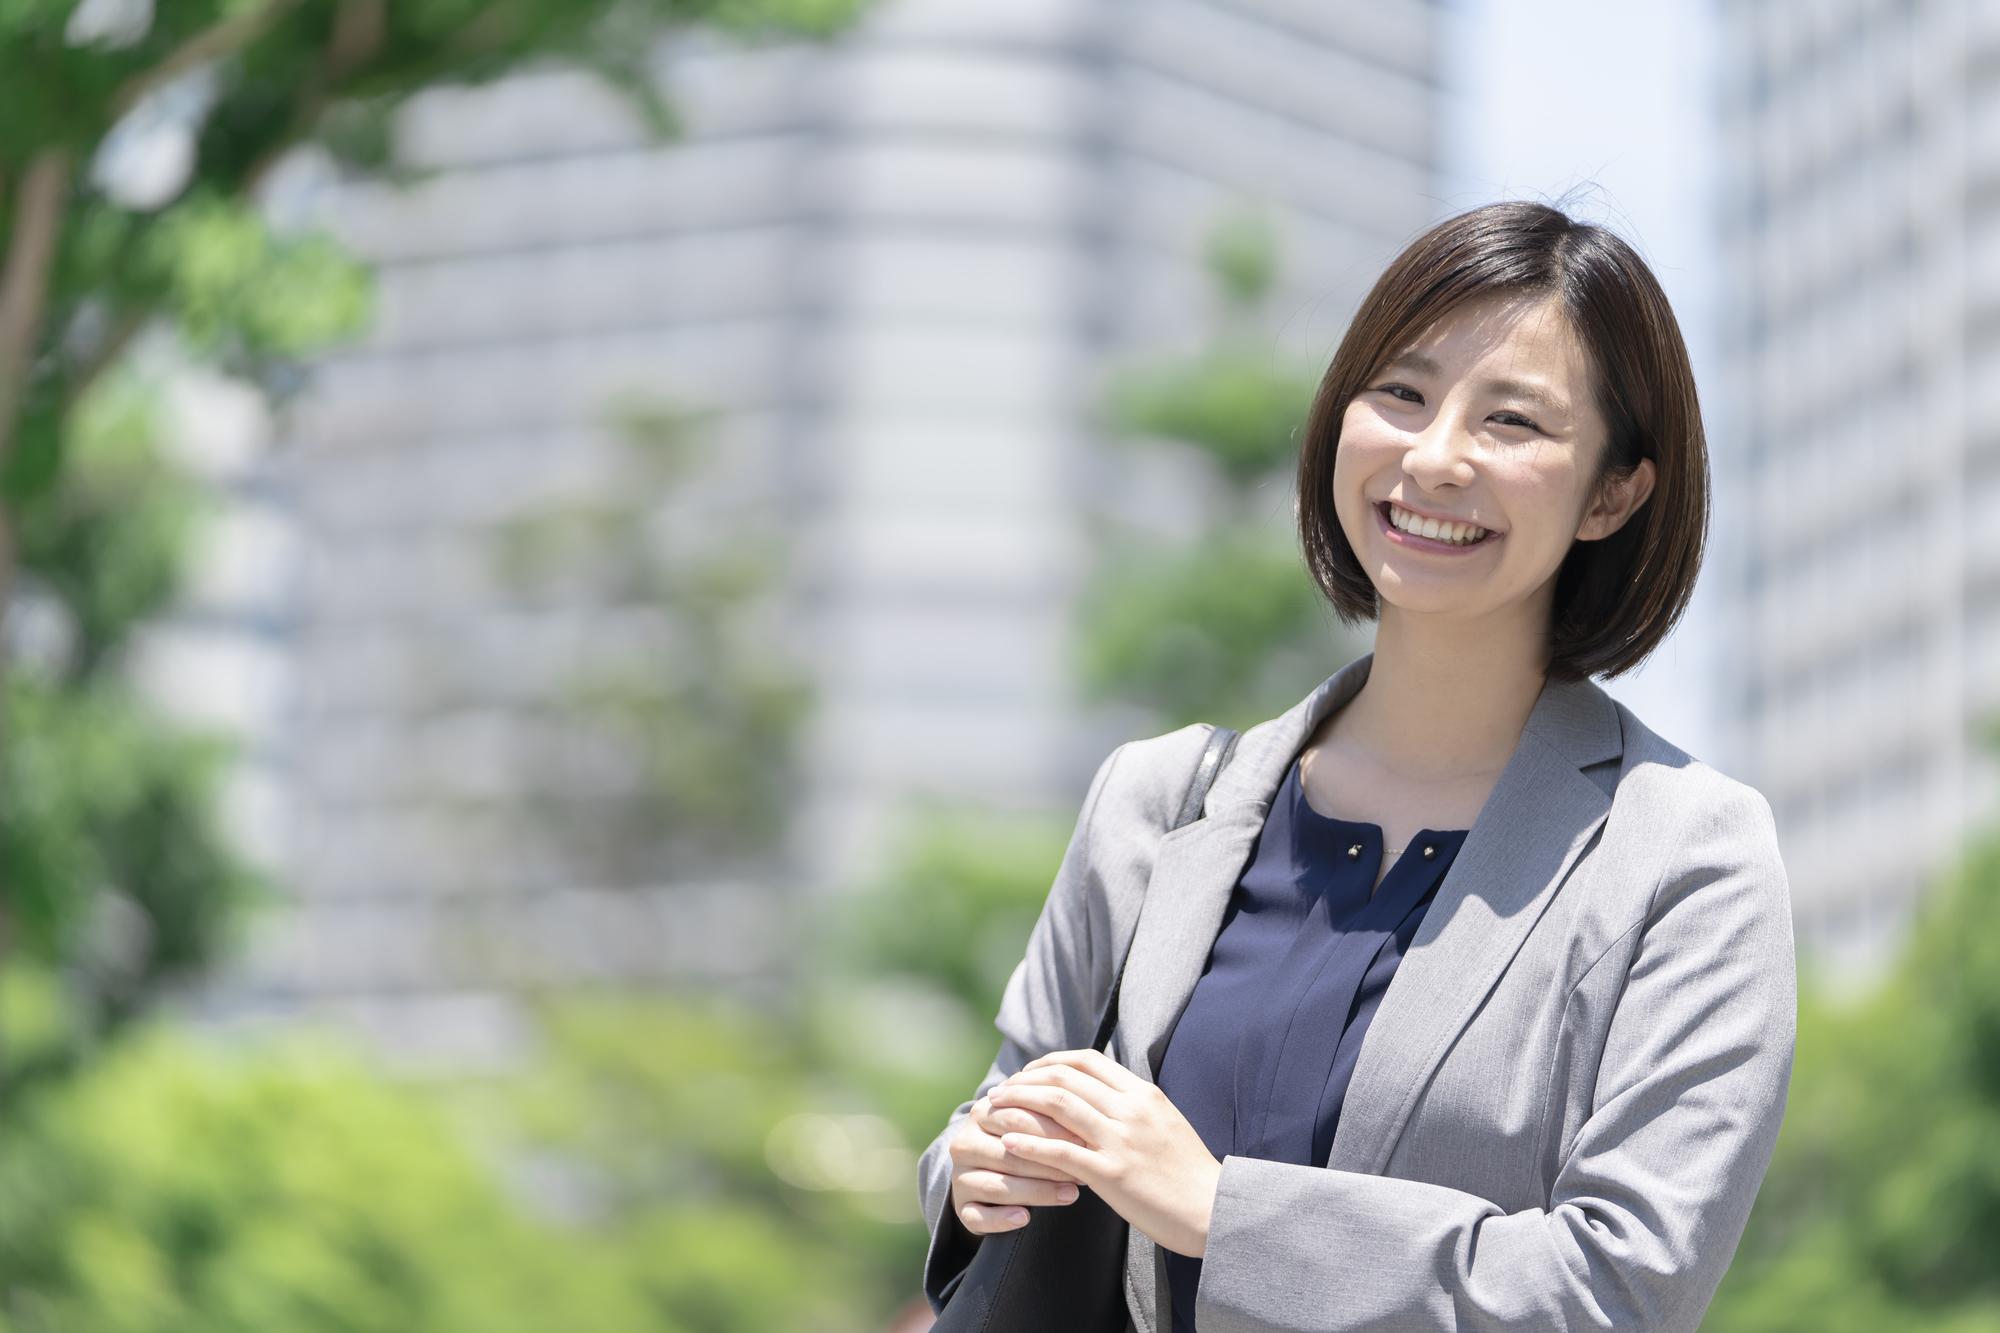 大樹生命保険株式会社 東京北支社 練馬営業部の求人情報